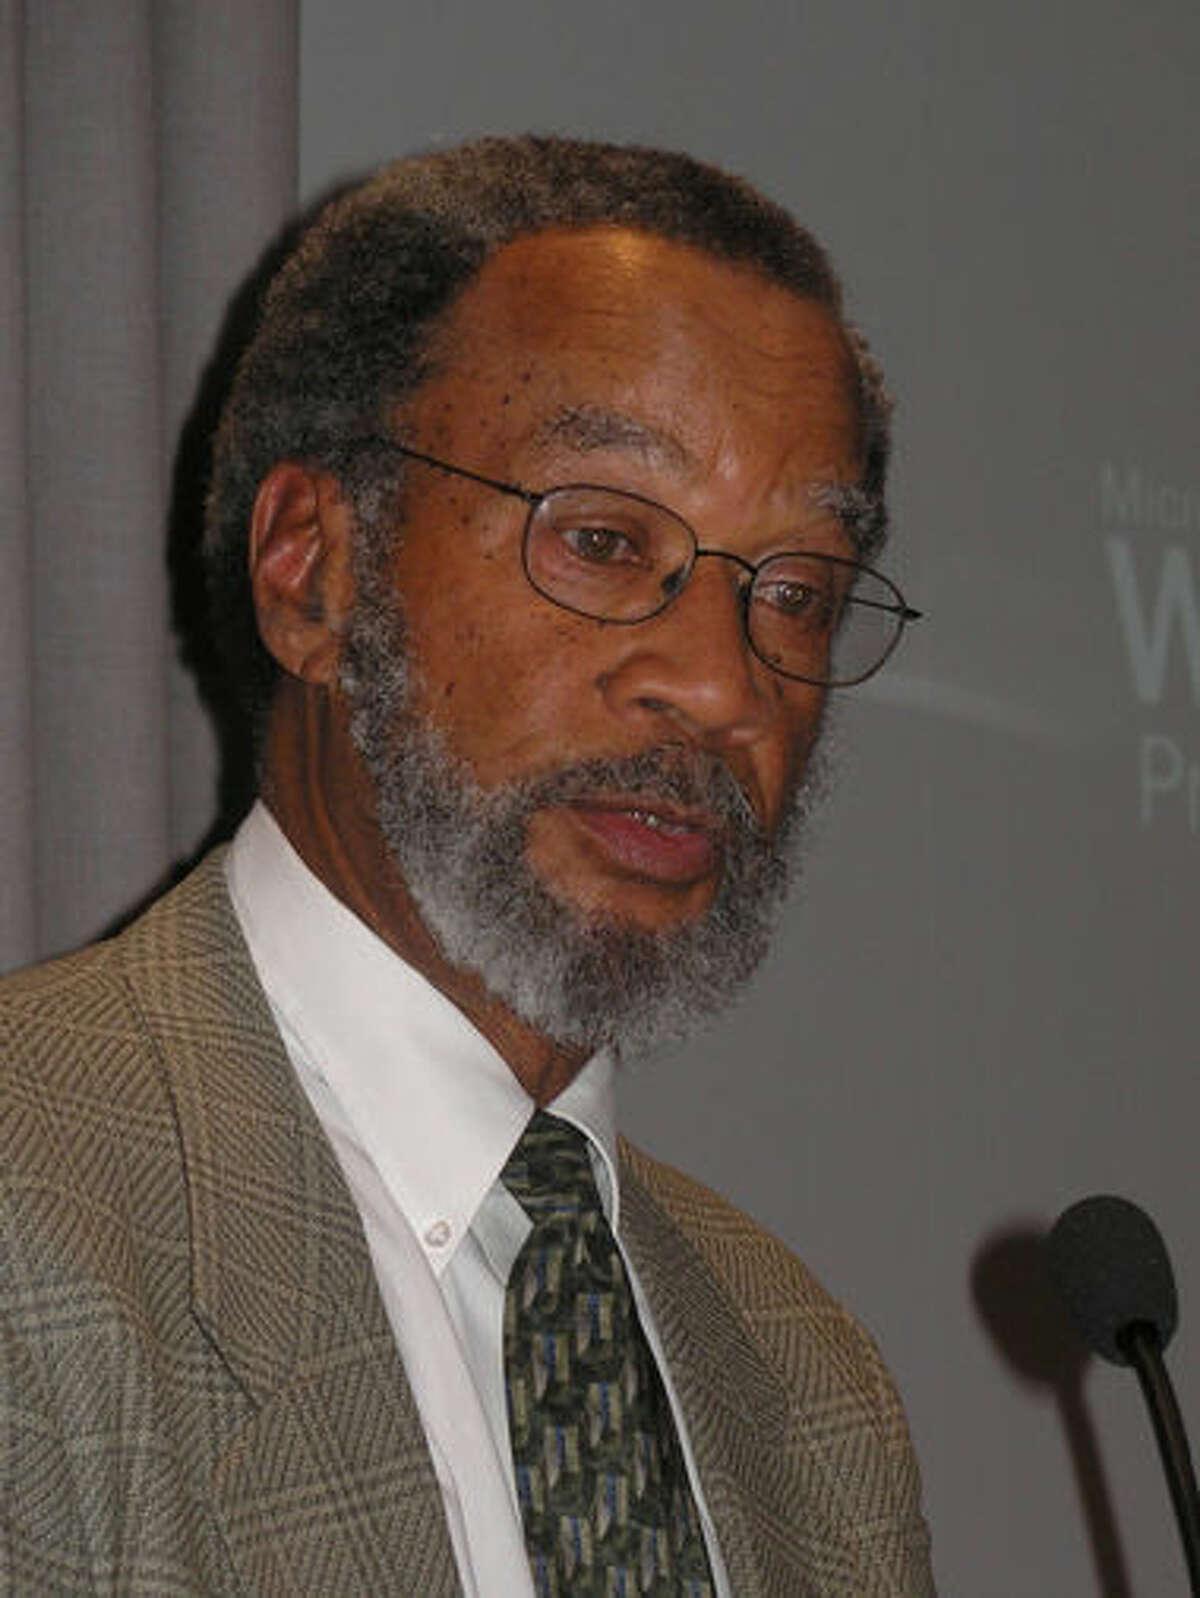 Curtis O. Law